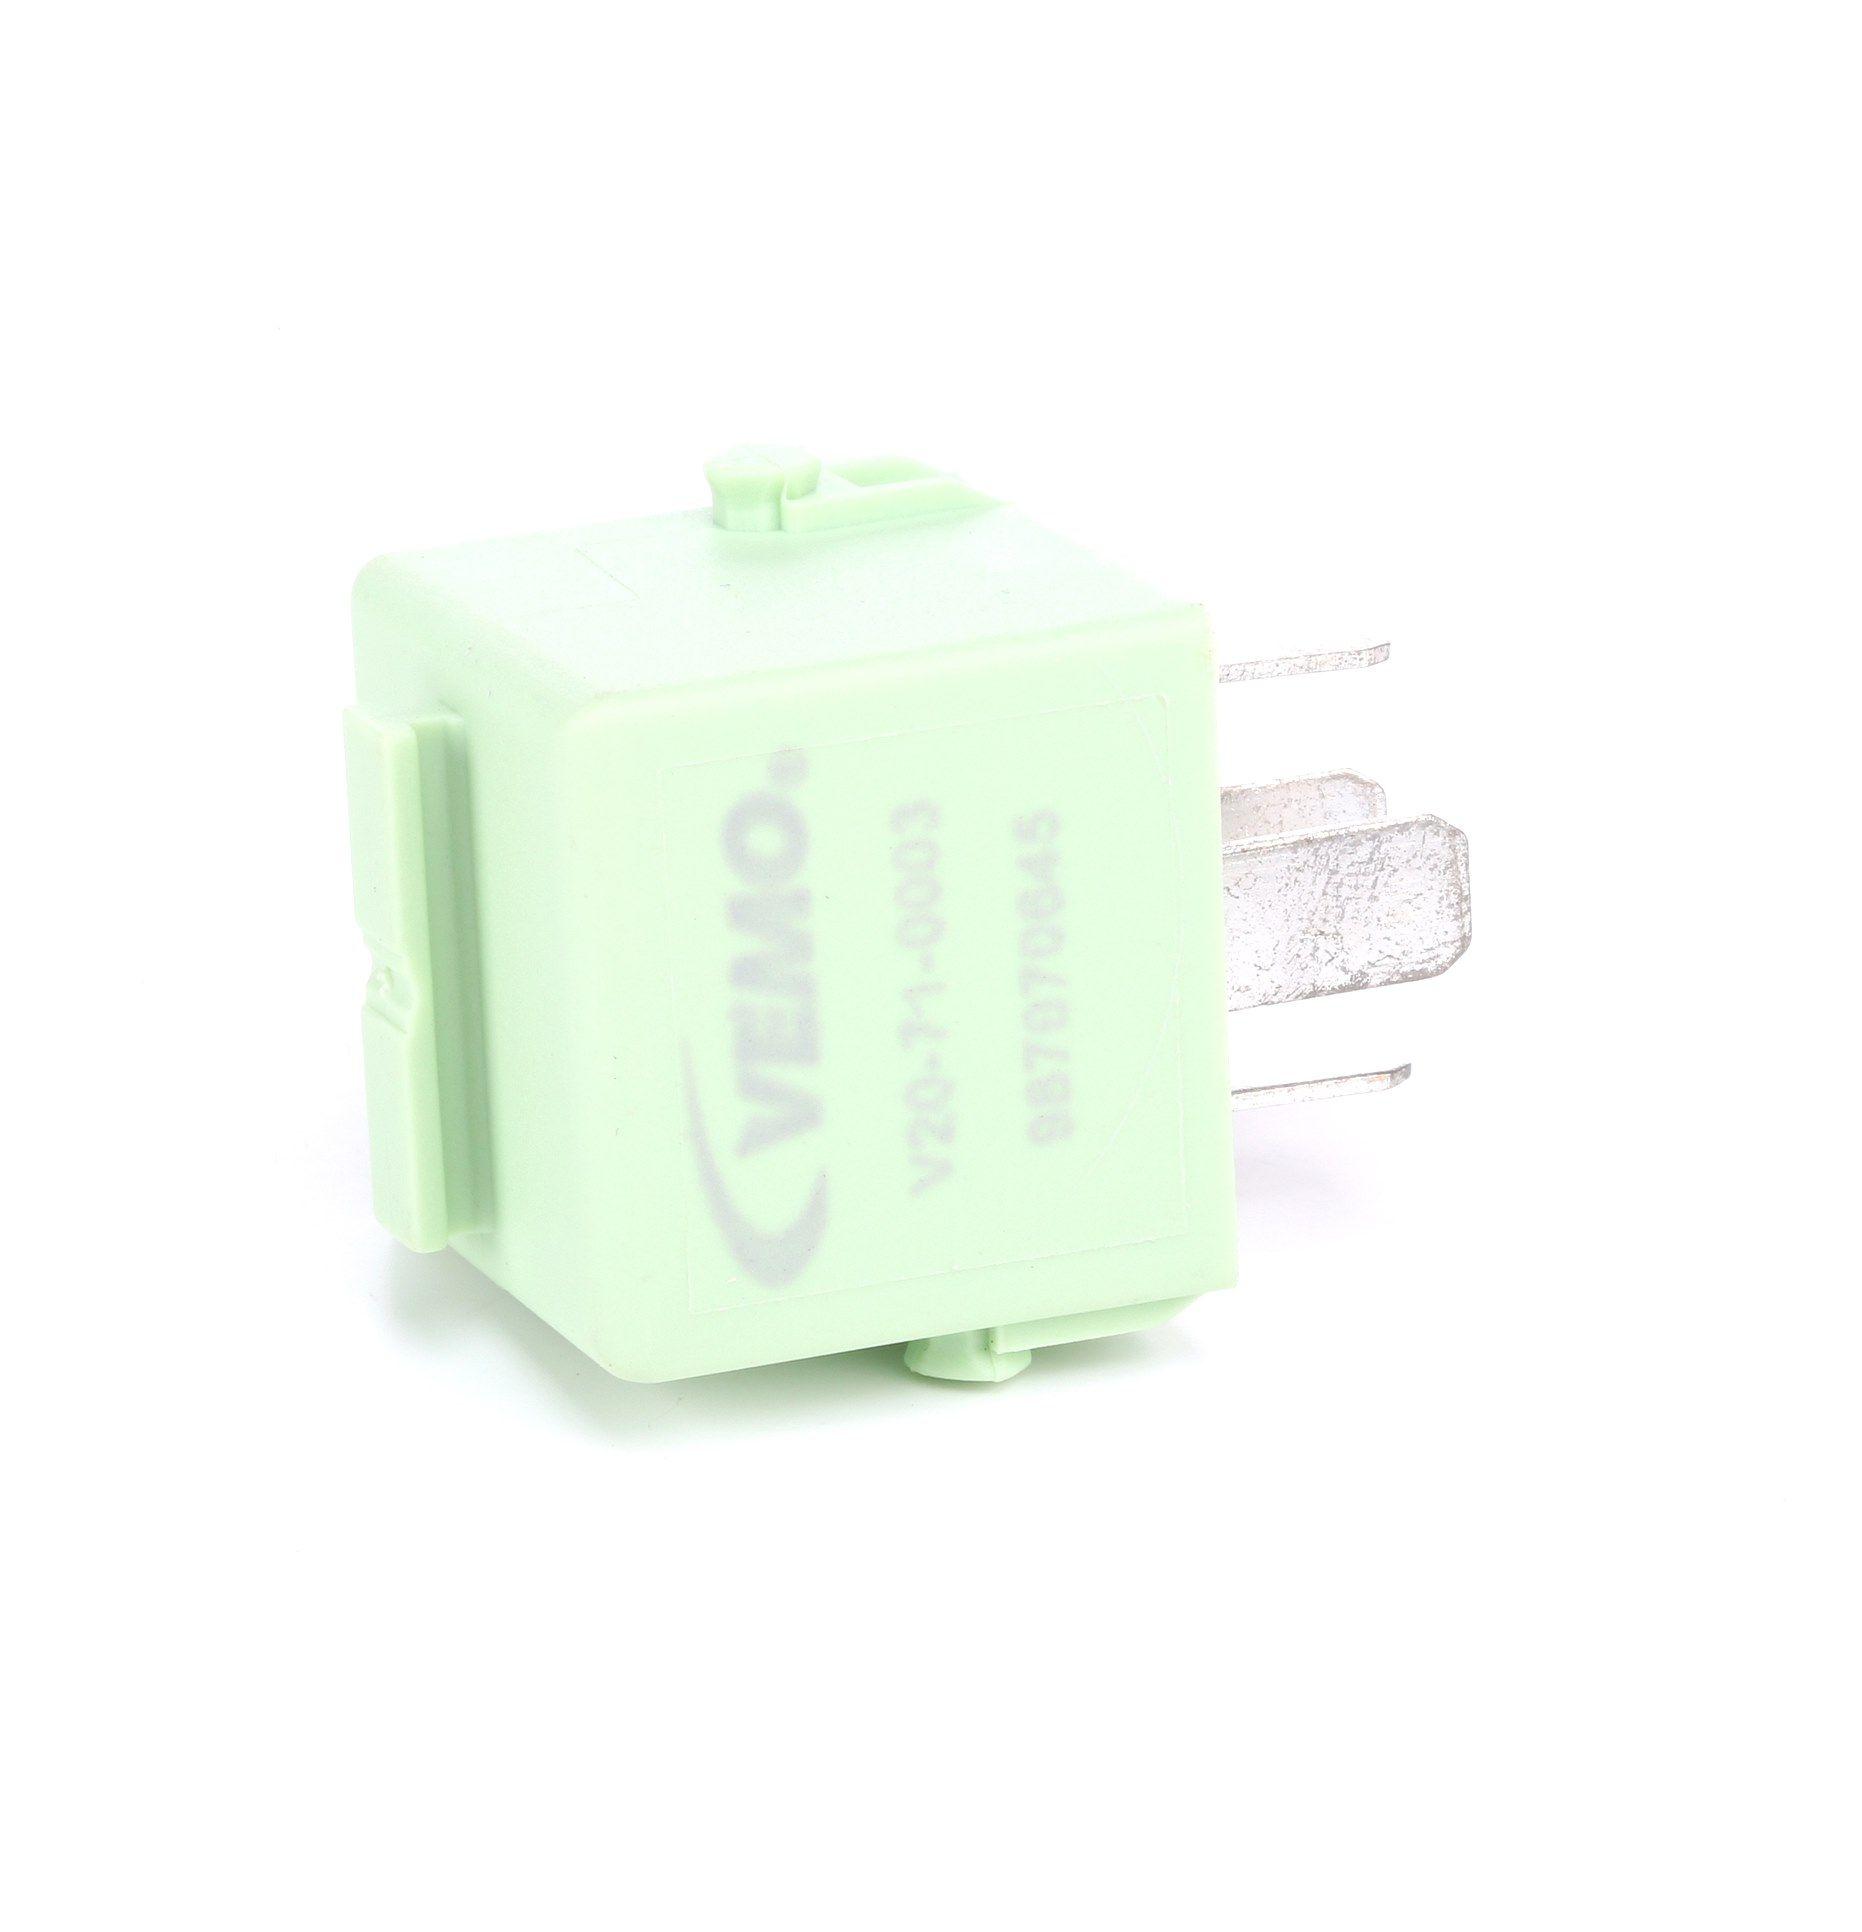 V20-71-0003 VEMO Minuterie multifonctions - achetez en ligne